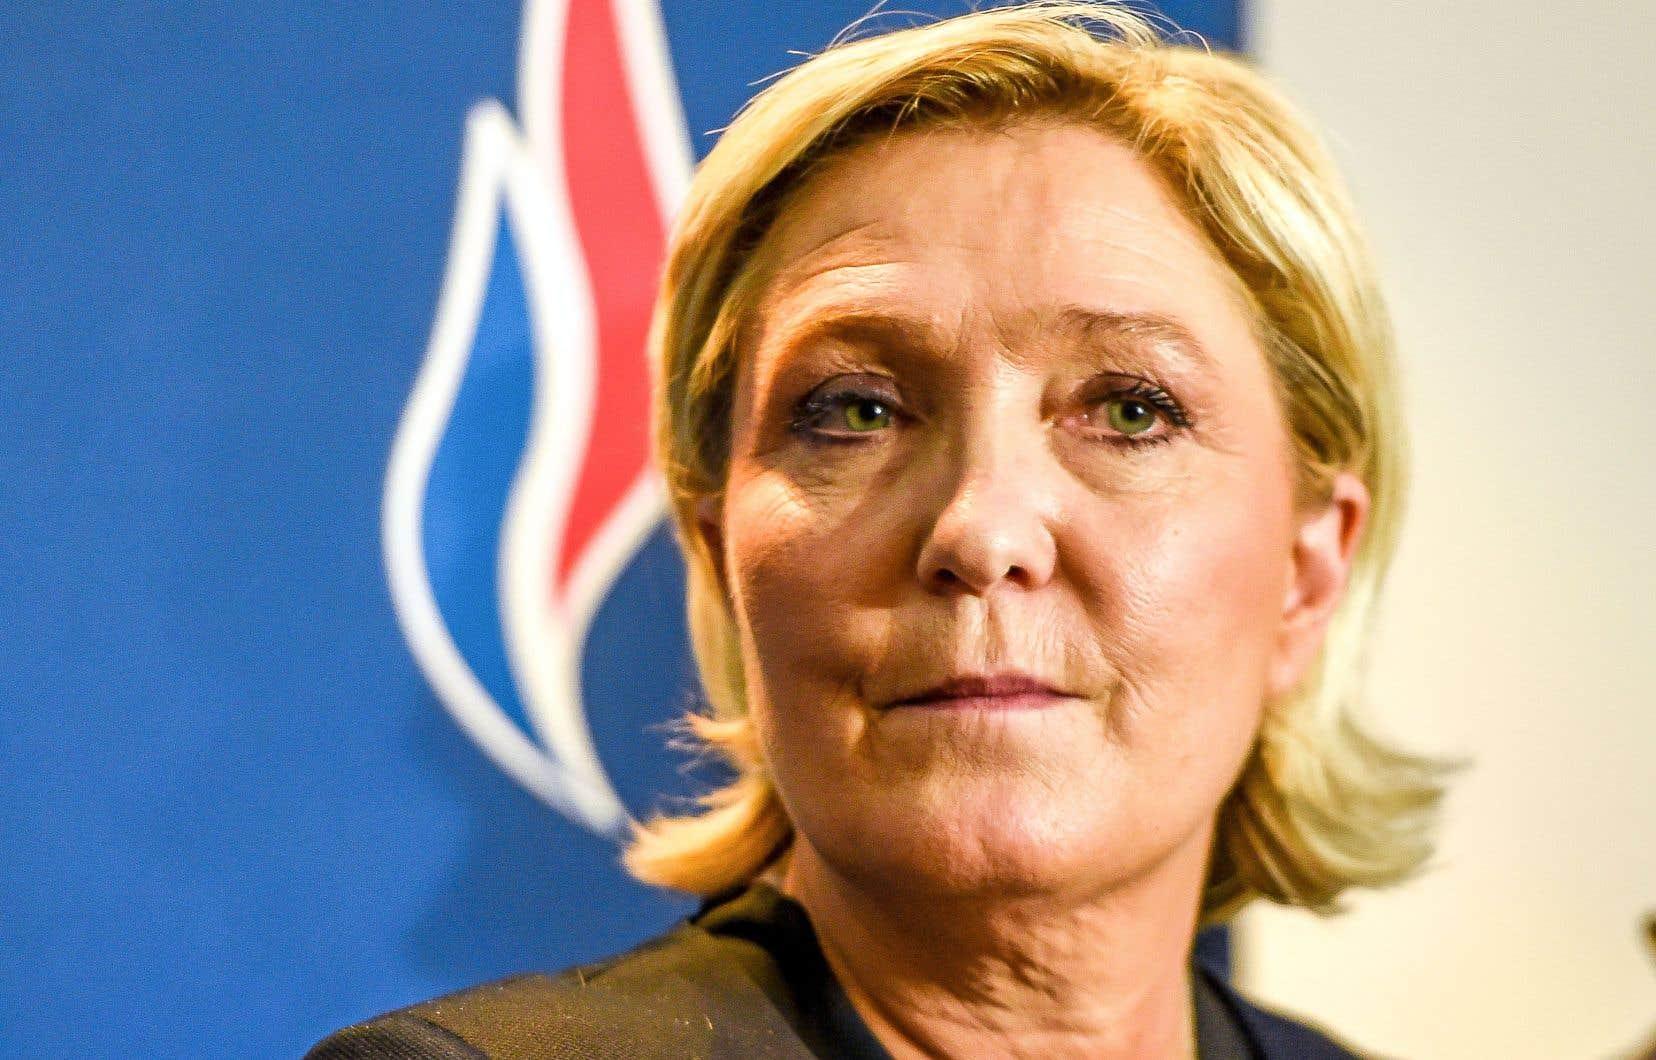 La leader du Front national, Marine Le Pen,apparaît de plus en plus cernée à la fois par Laurent Wauquiez et par sa nièce Marion Maréchal-Le Pen.